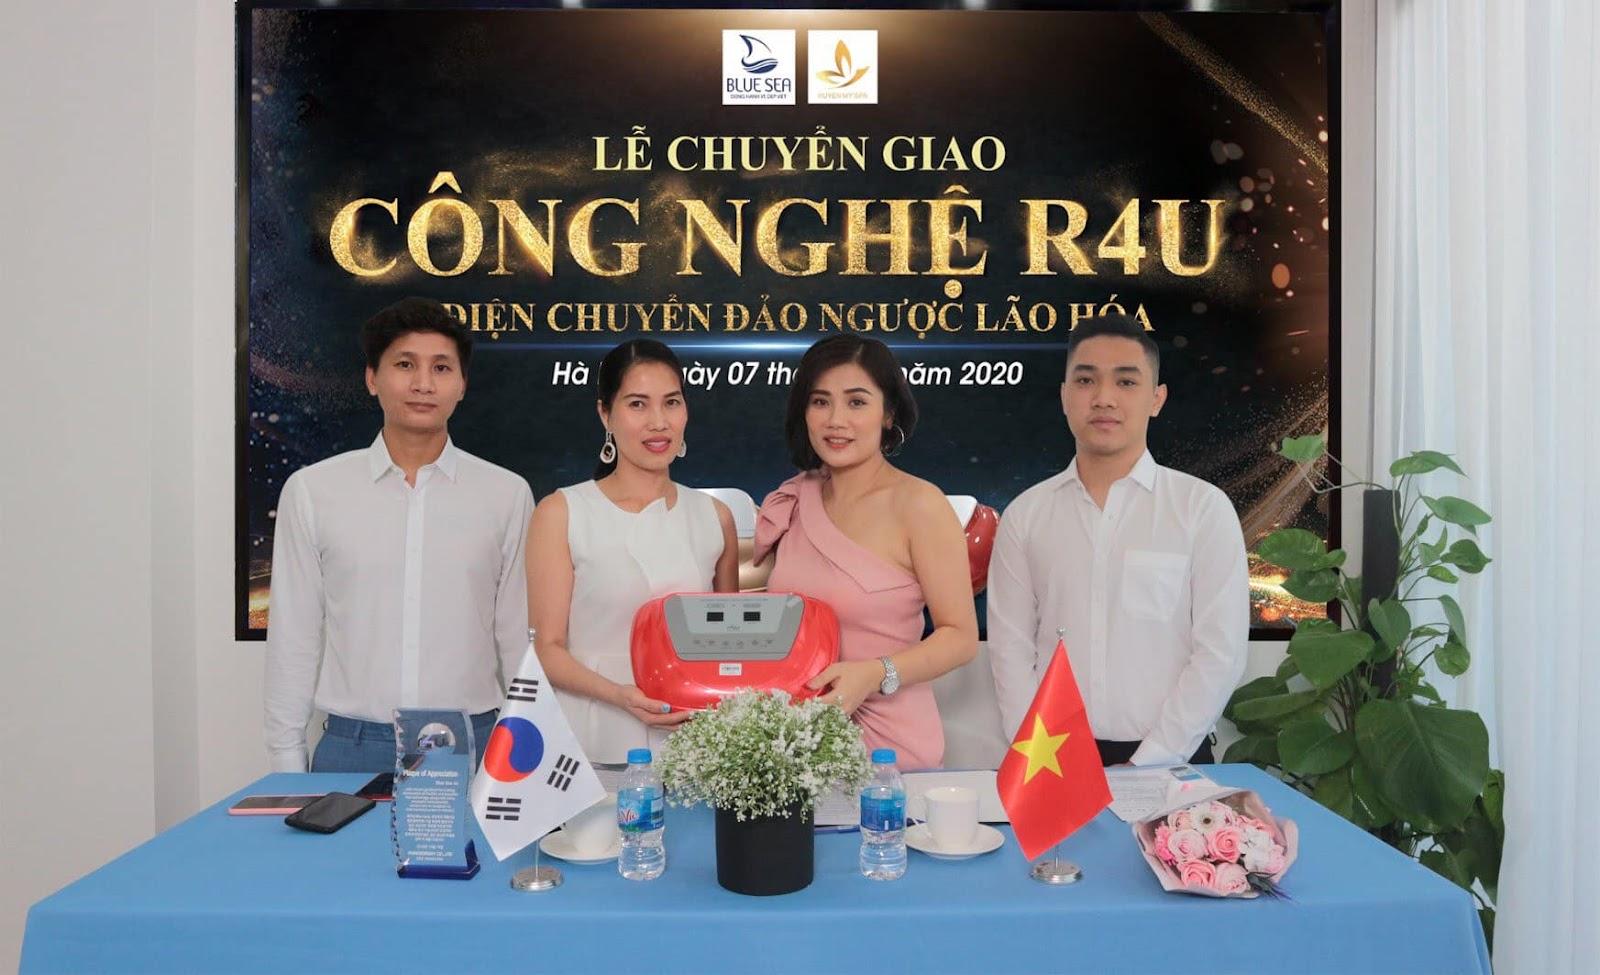 CEO Tâm Uyên ký chuyển giao công nghệ R4U cho giám đốc Huyền My Spa